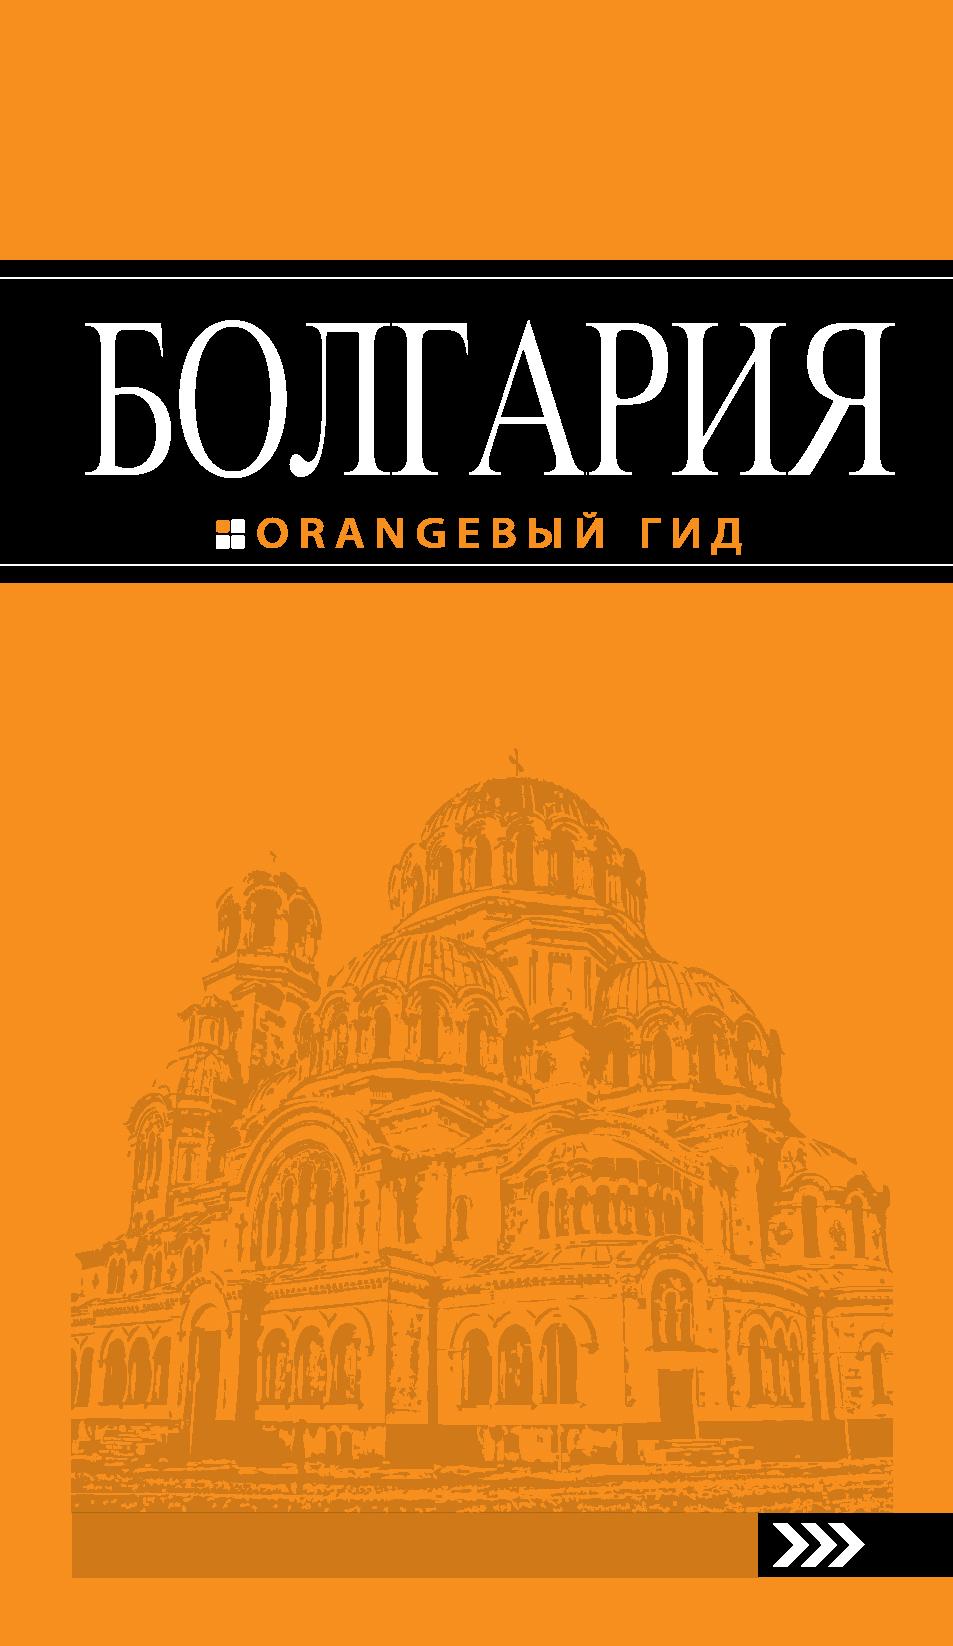 Тимофеев И.В. Болгария: путеводитель. 3-е изд., испр. и доп.